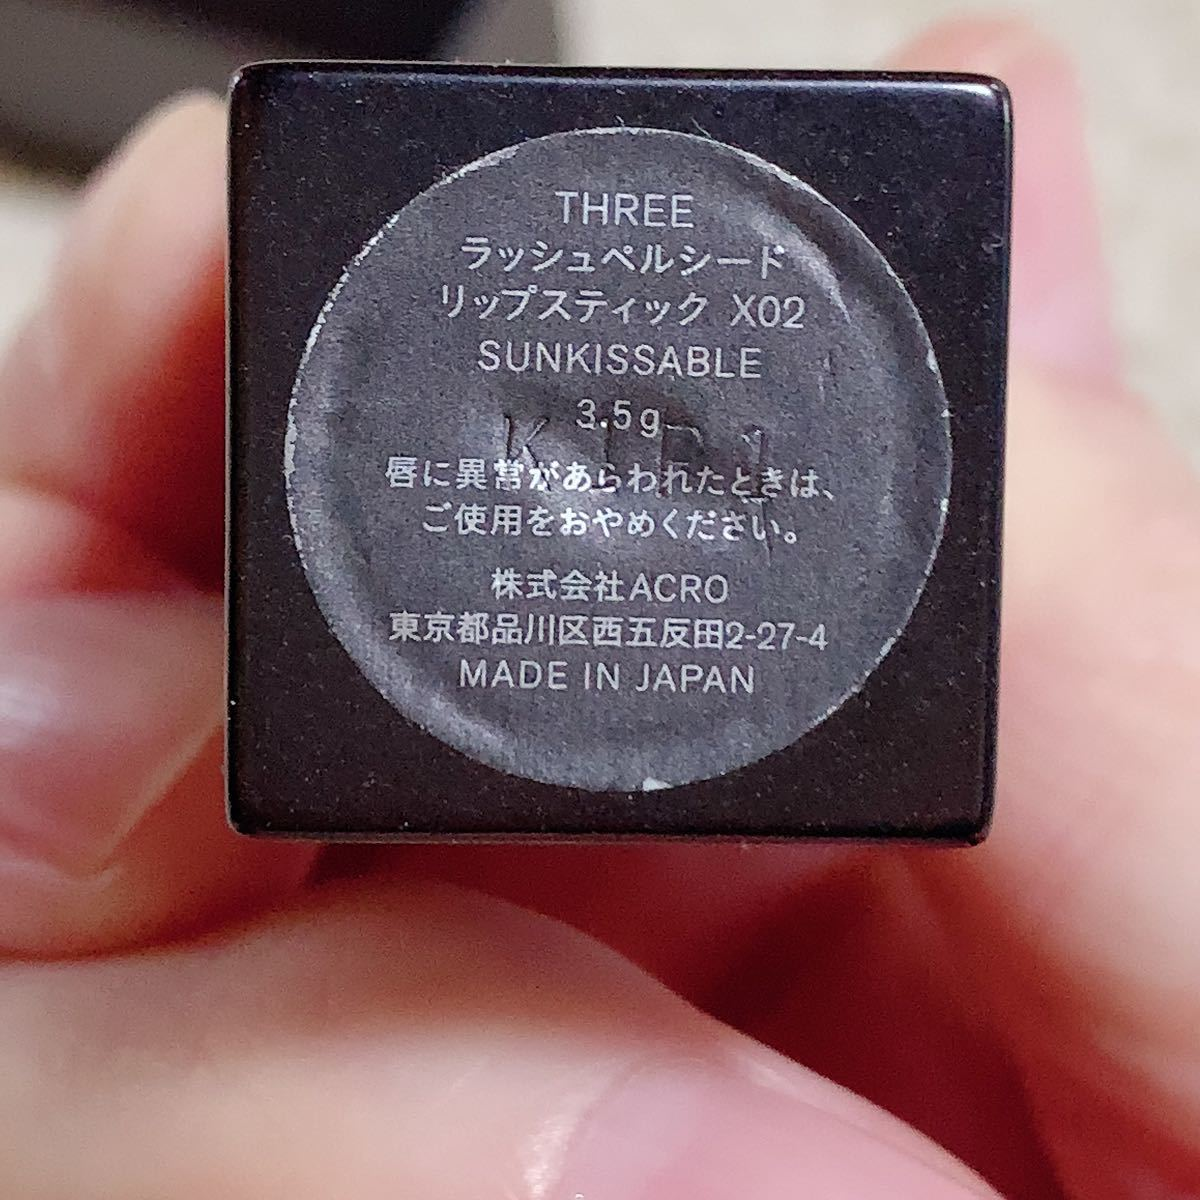 THREEラッシュペルシードリップスティックX02